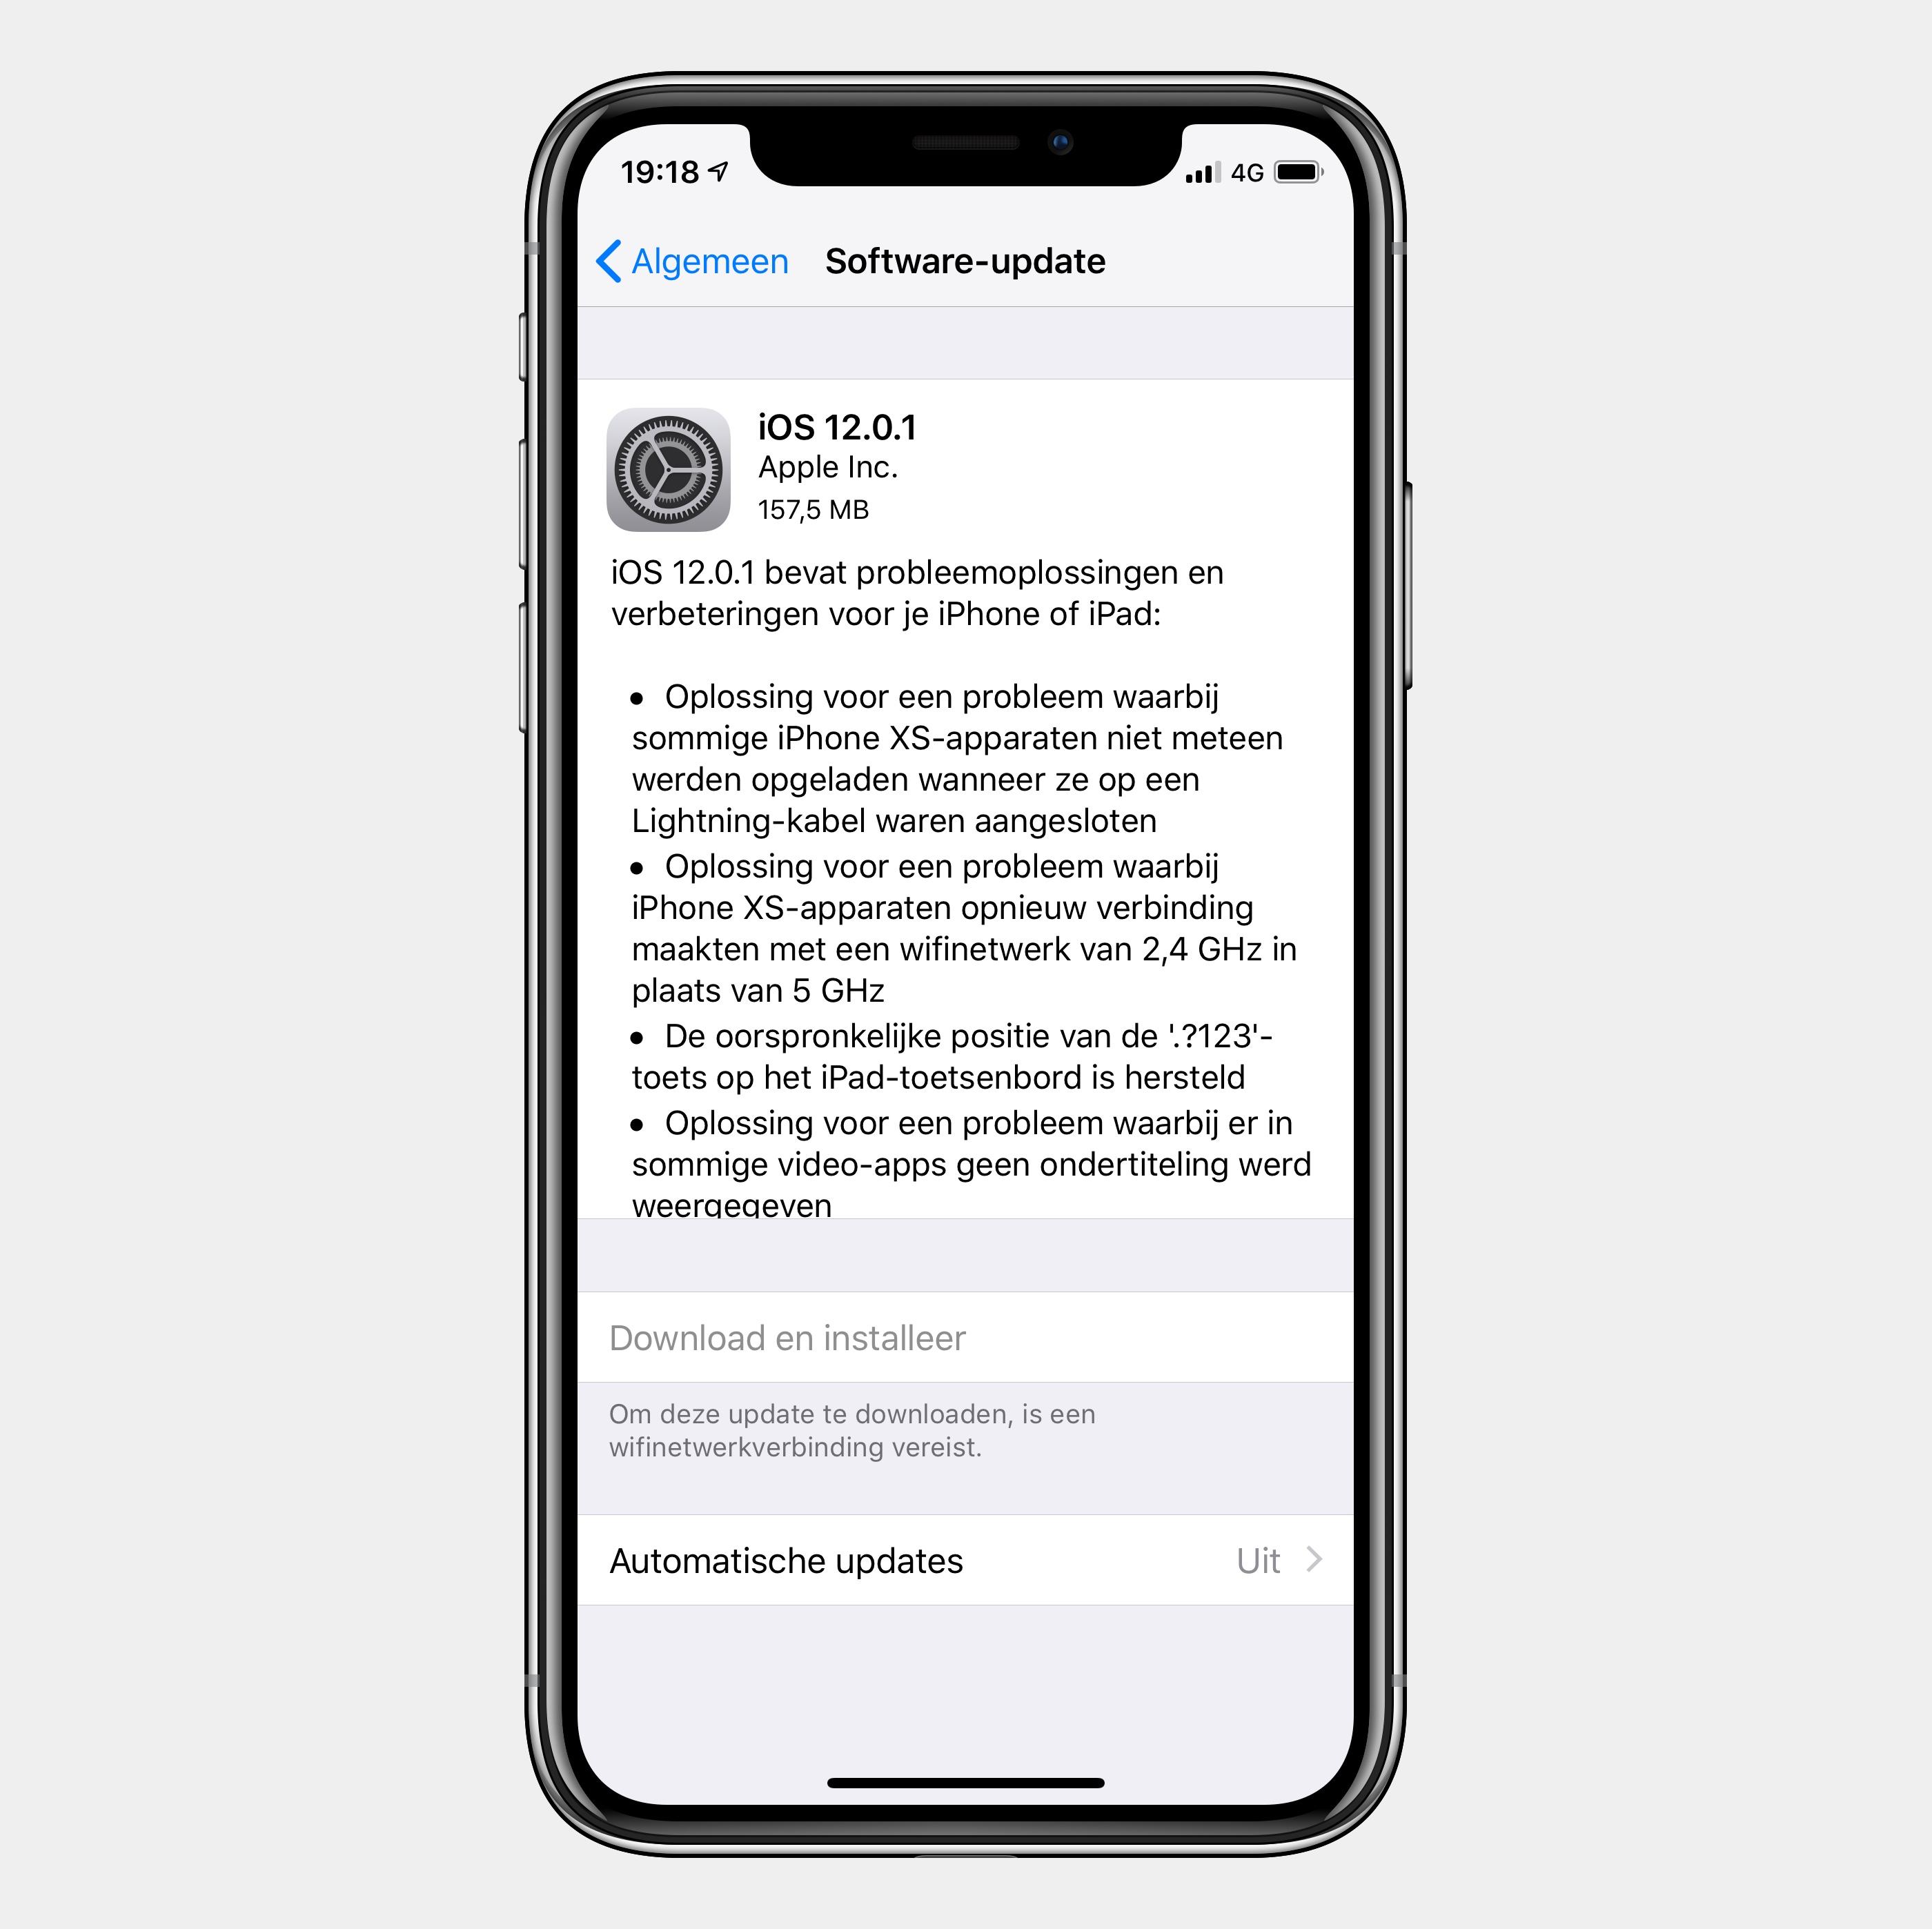 iOS 12.0.1 update